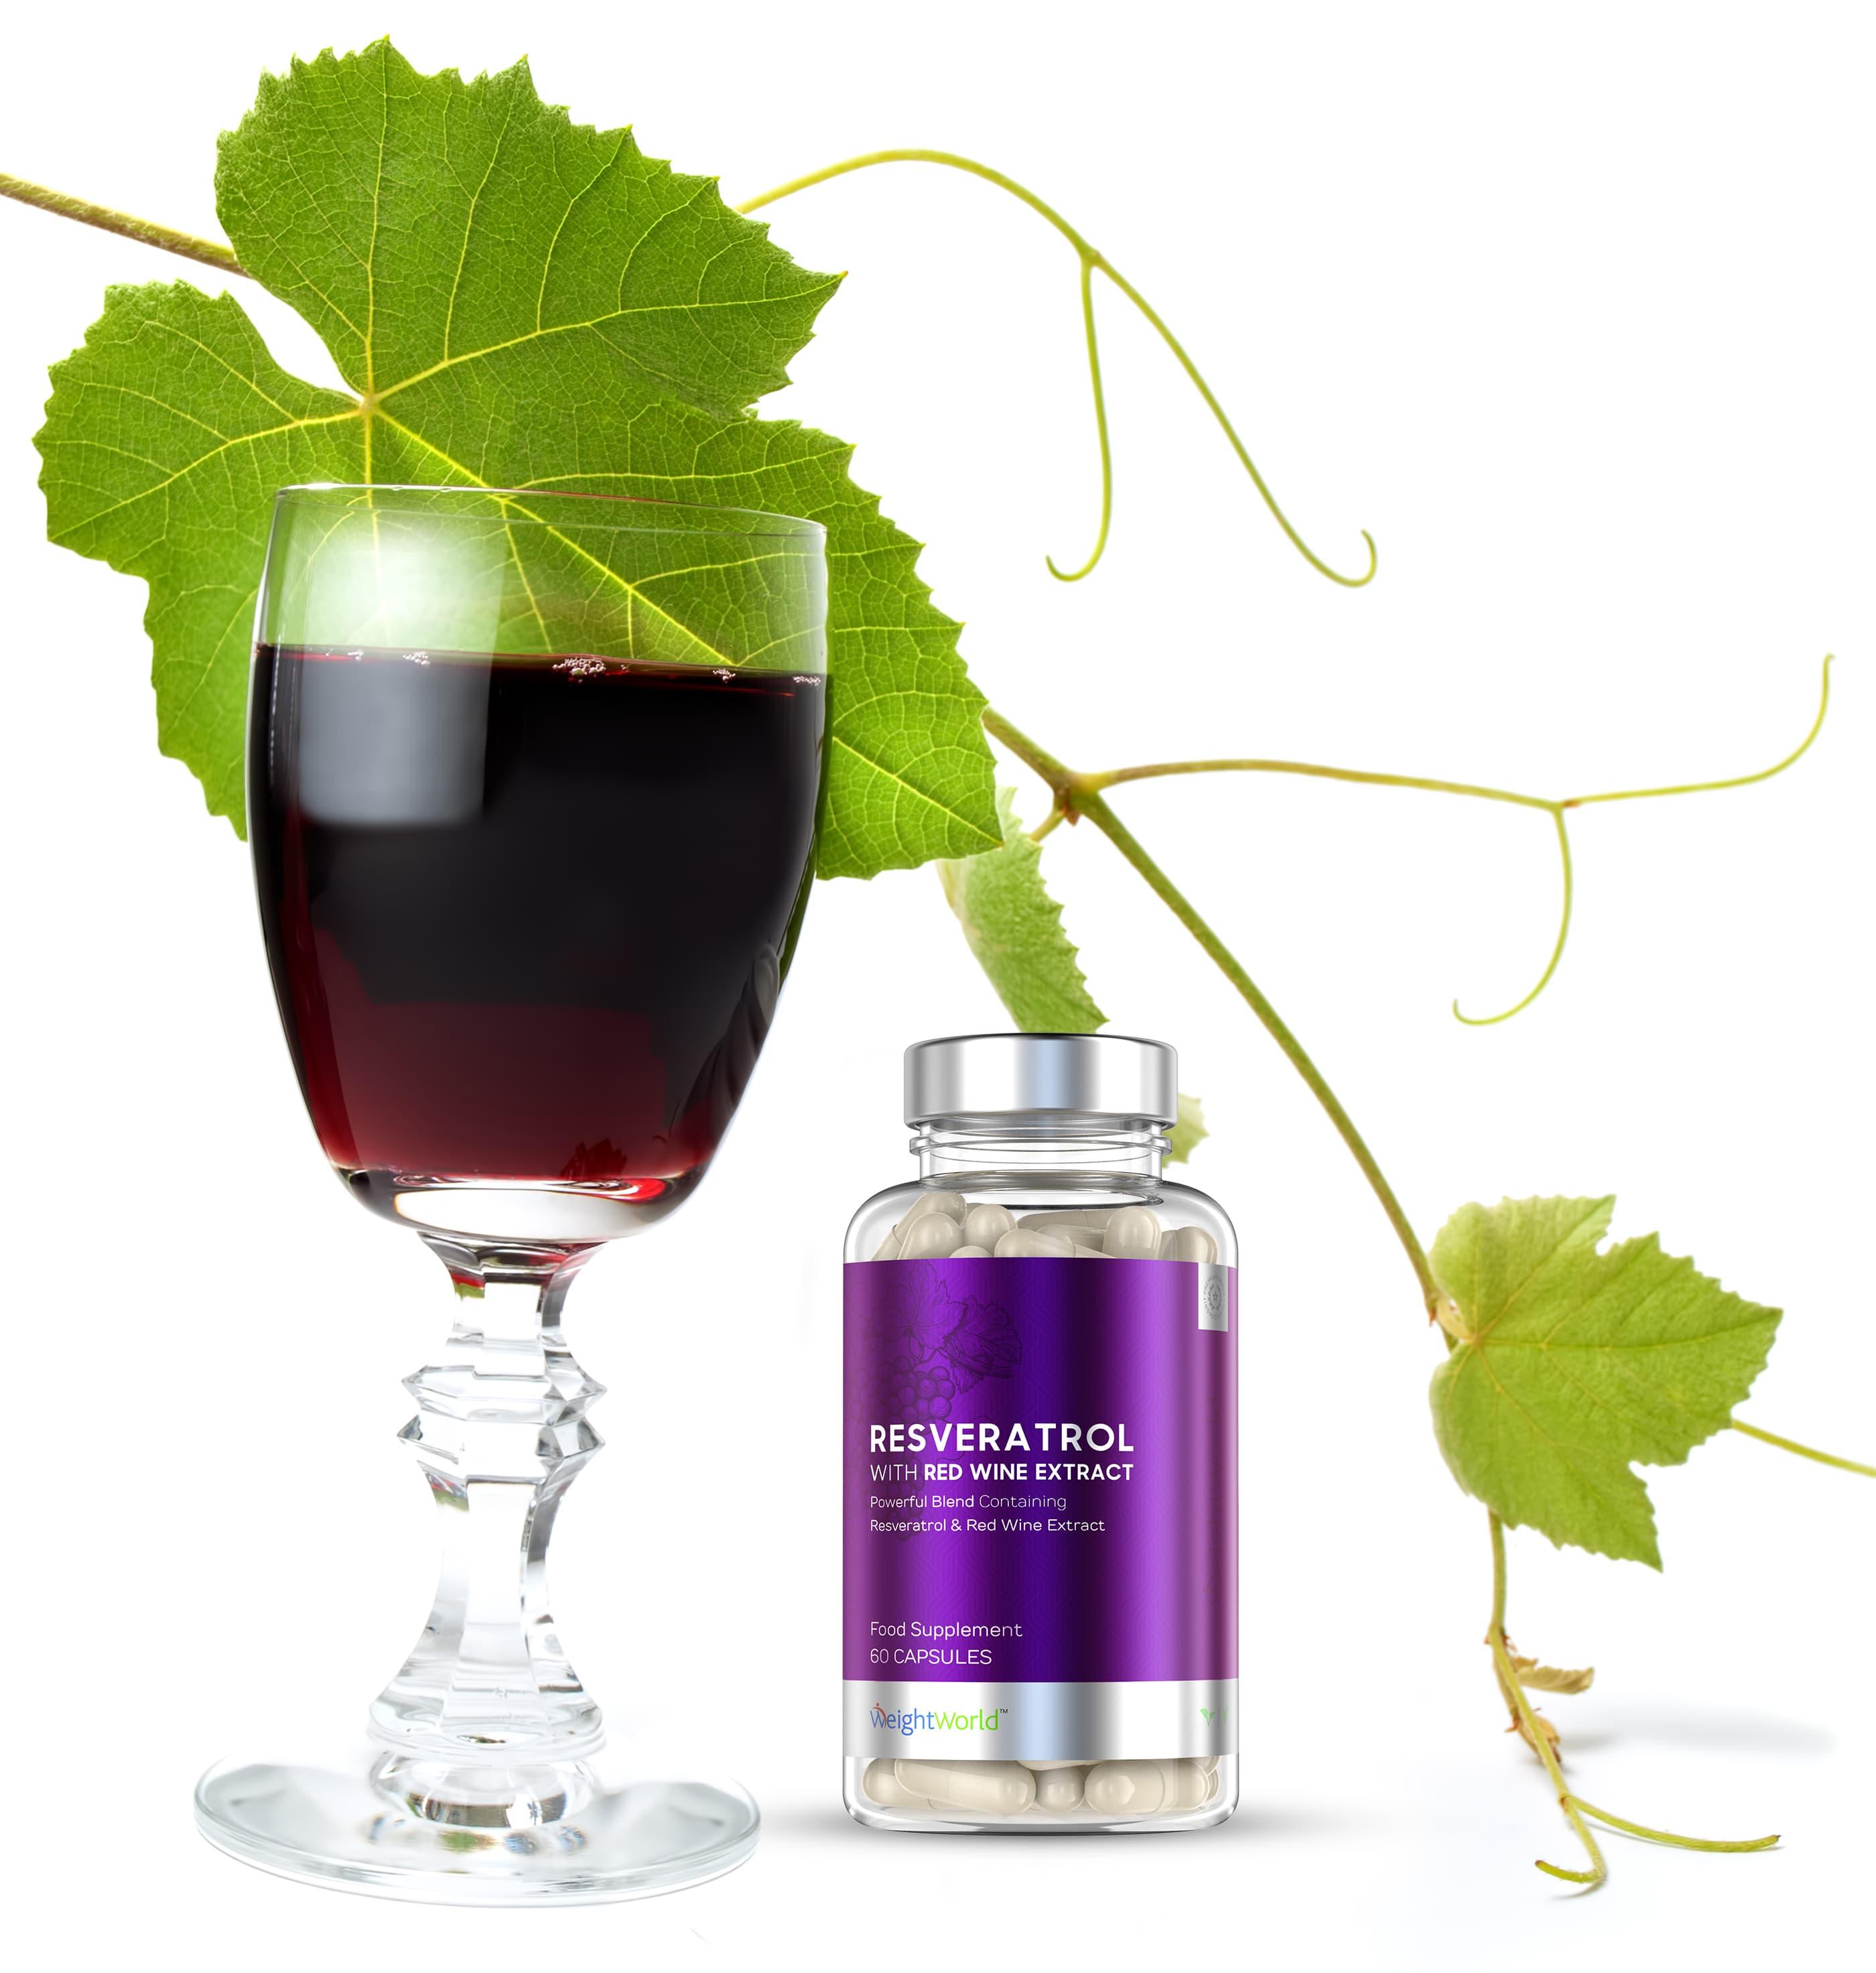 boite de resveratrol et verre de vin rouge avec des feuilles vertes